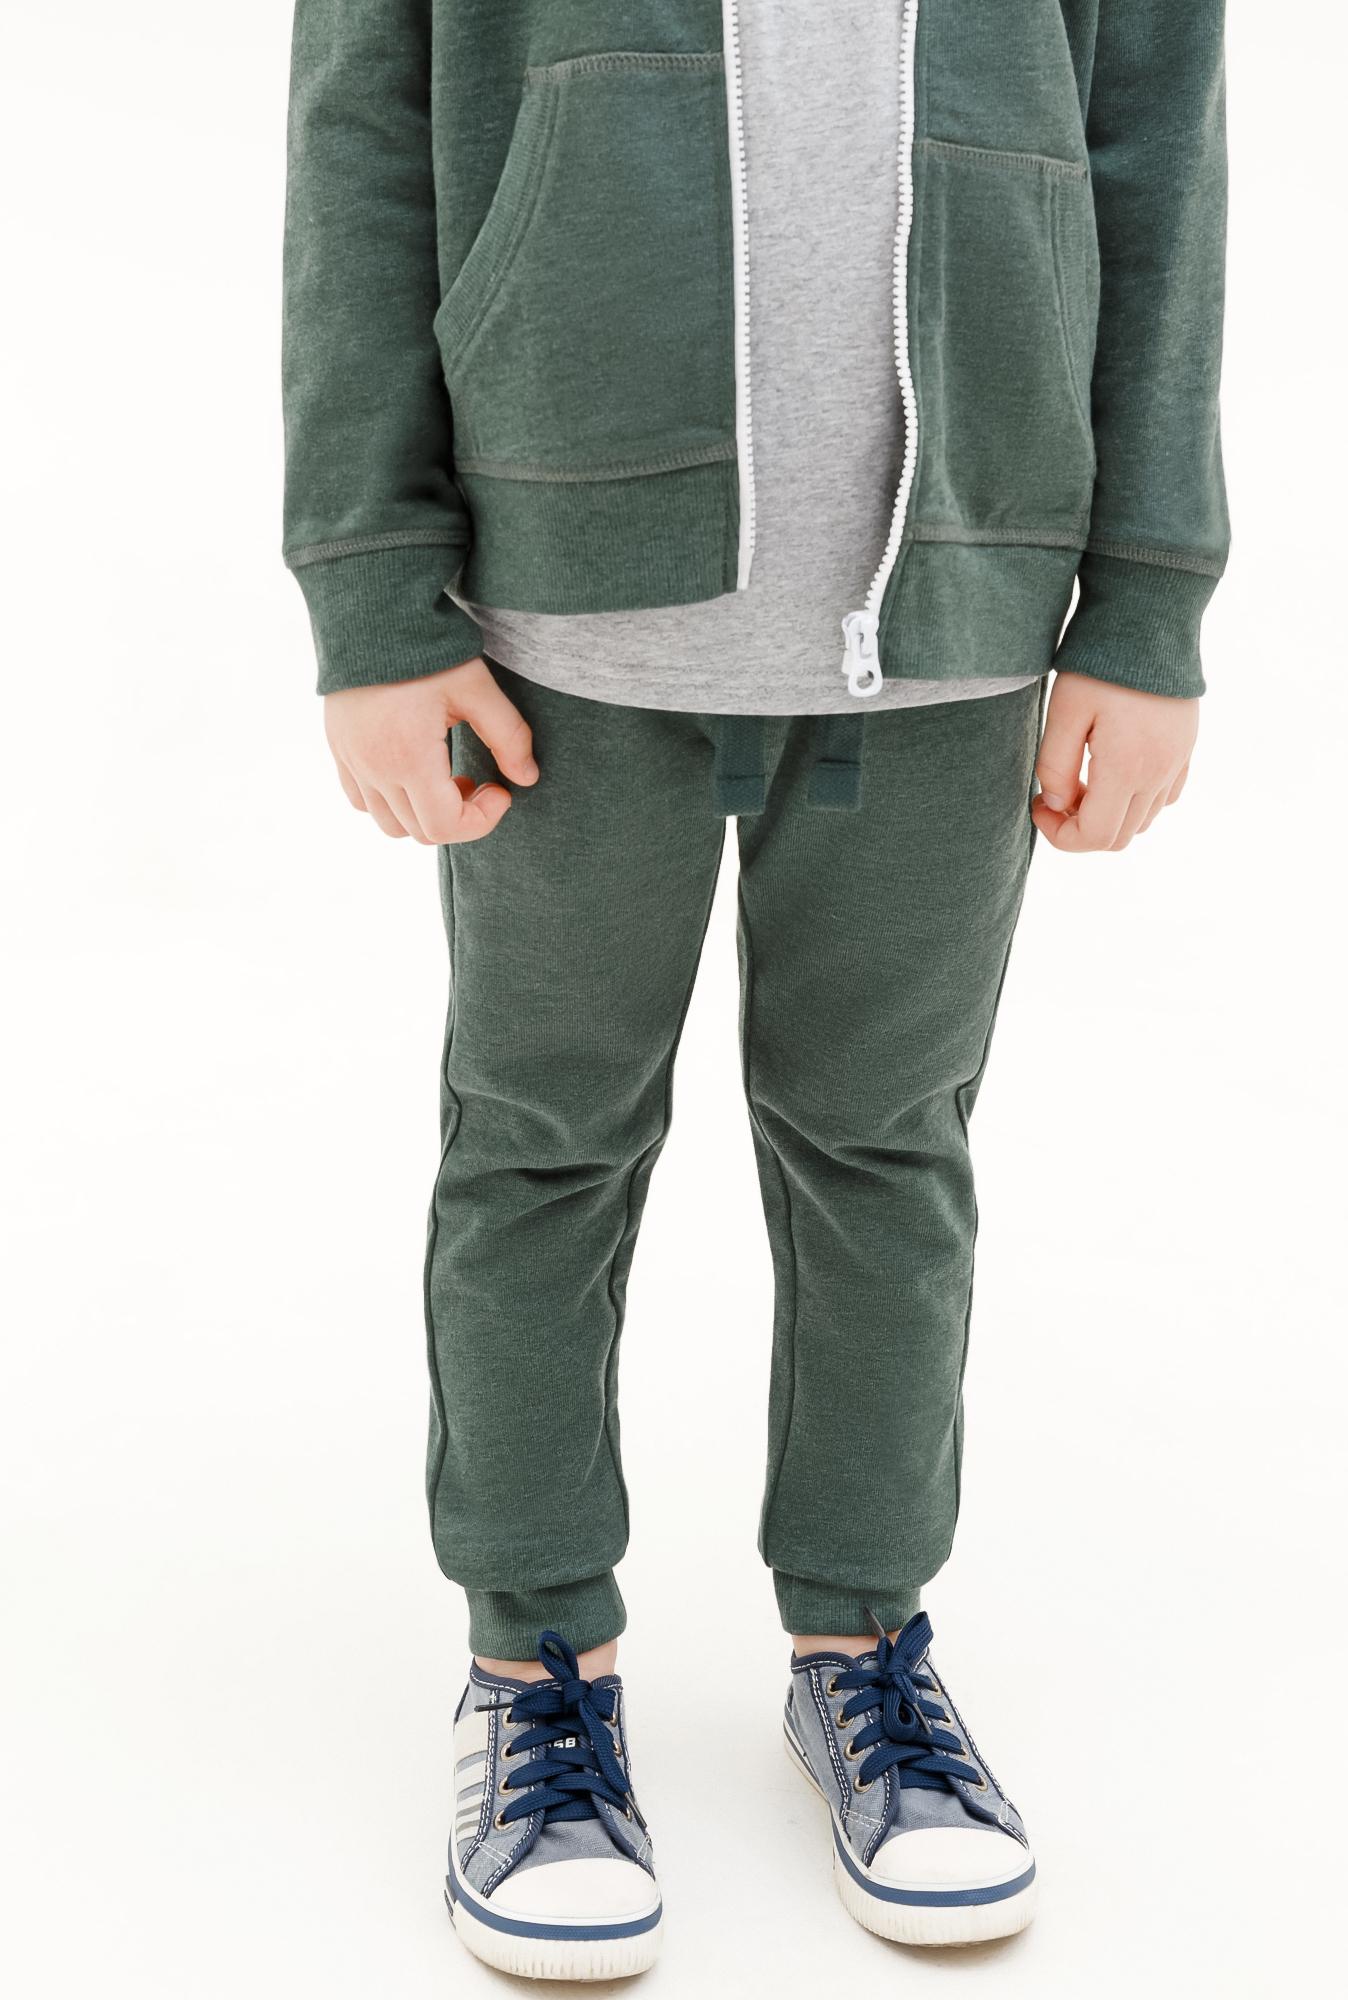 Брюки для мальчика Concept Club Carrot, цвет: зеленый. 10120160003_2300. Размер 128